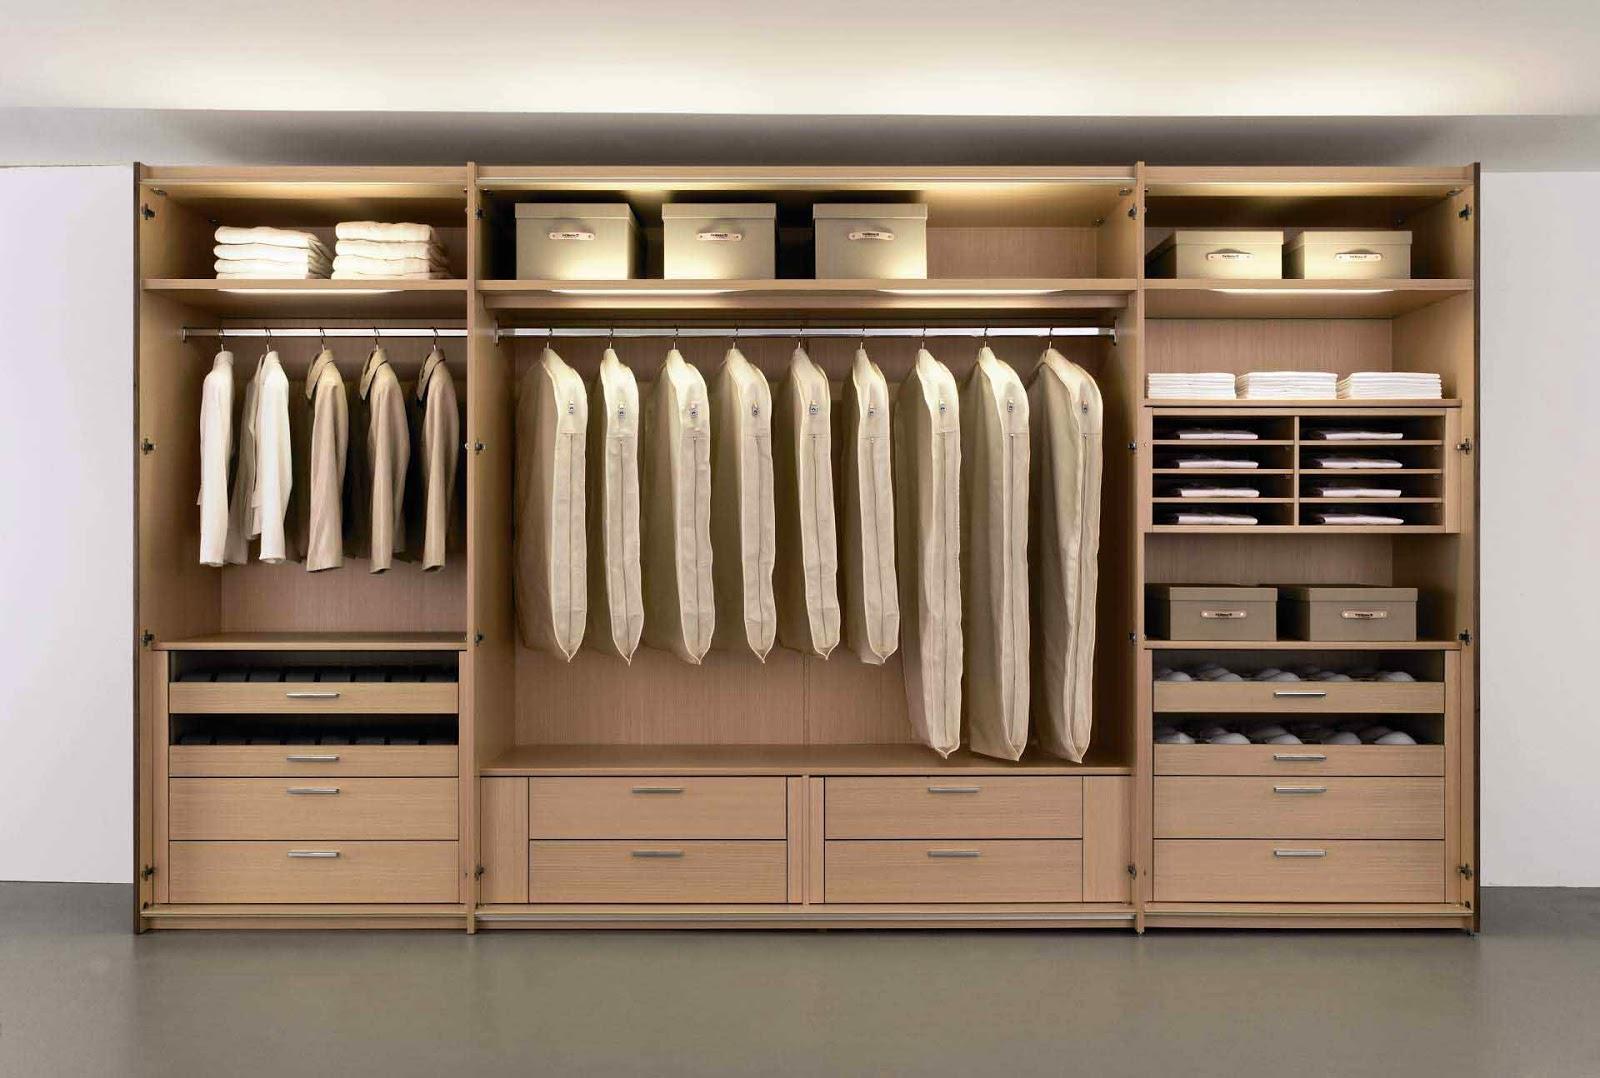 Desain Lemari pakaian dan Rak Aksesoris Minimalis  Rumah Minimalis Sederhana